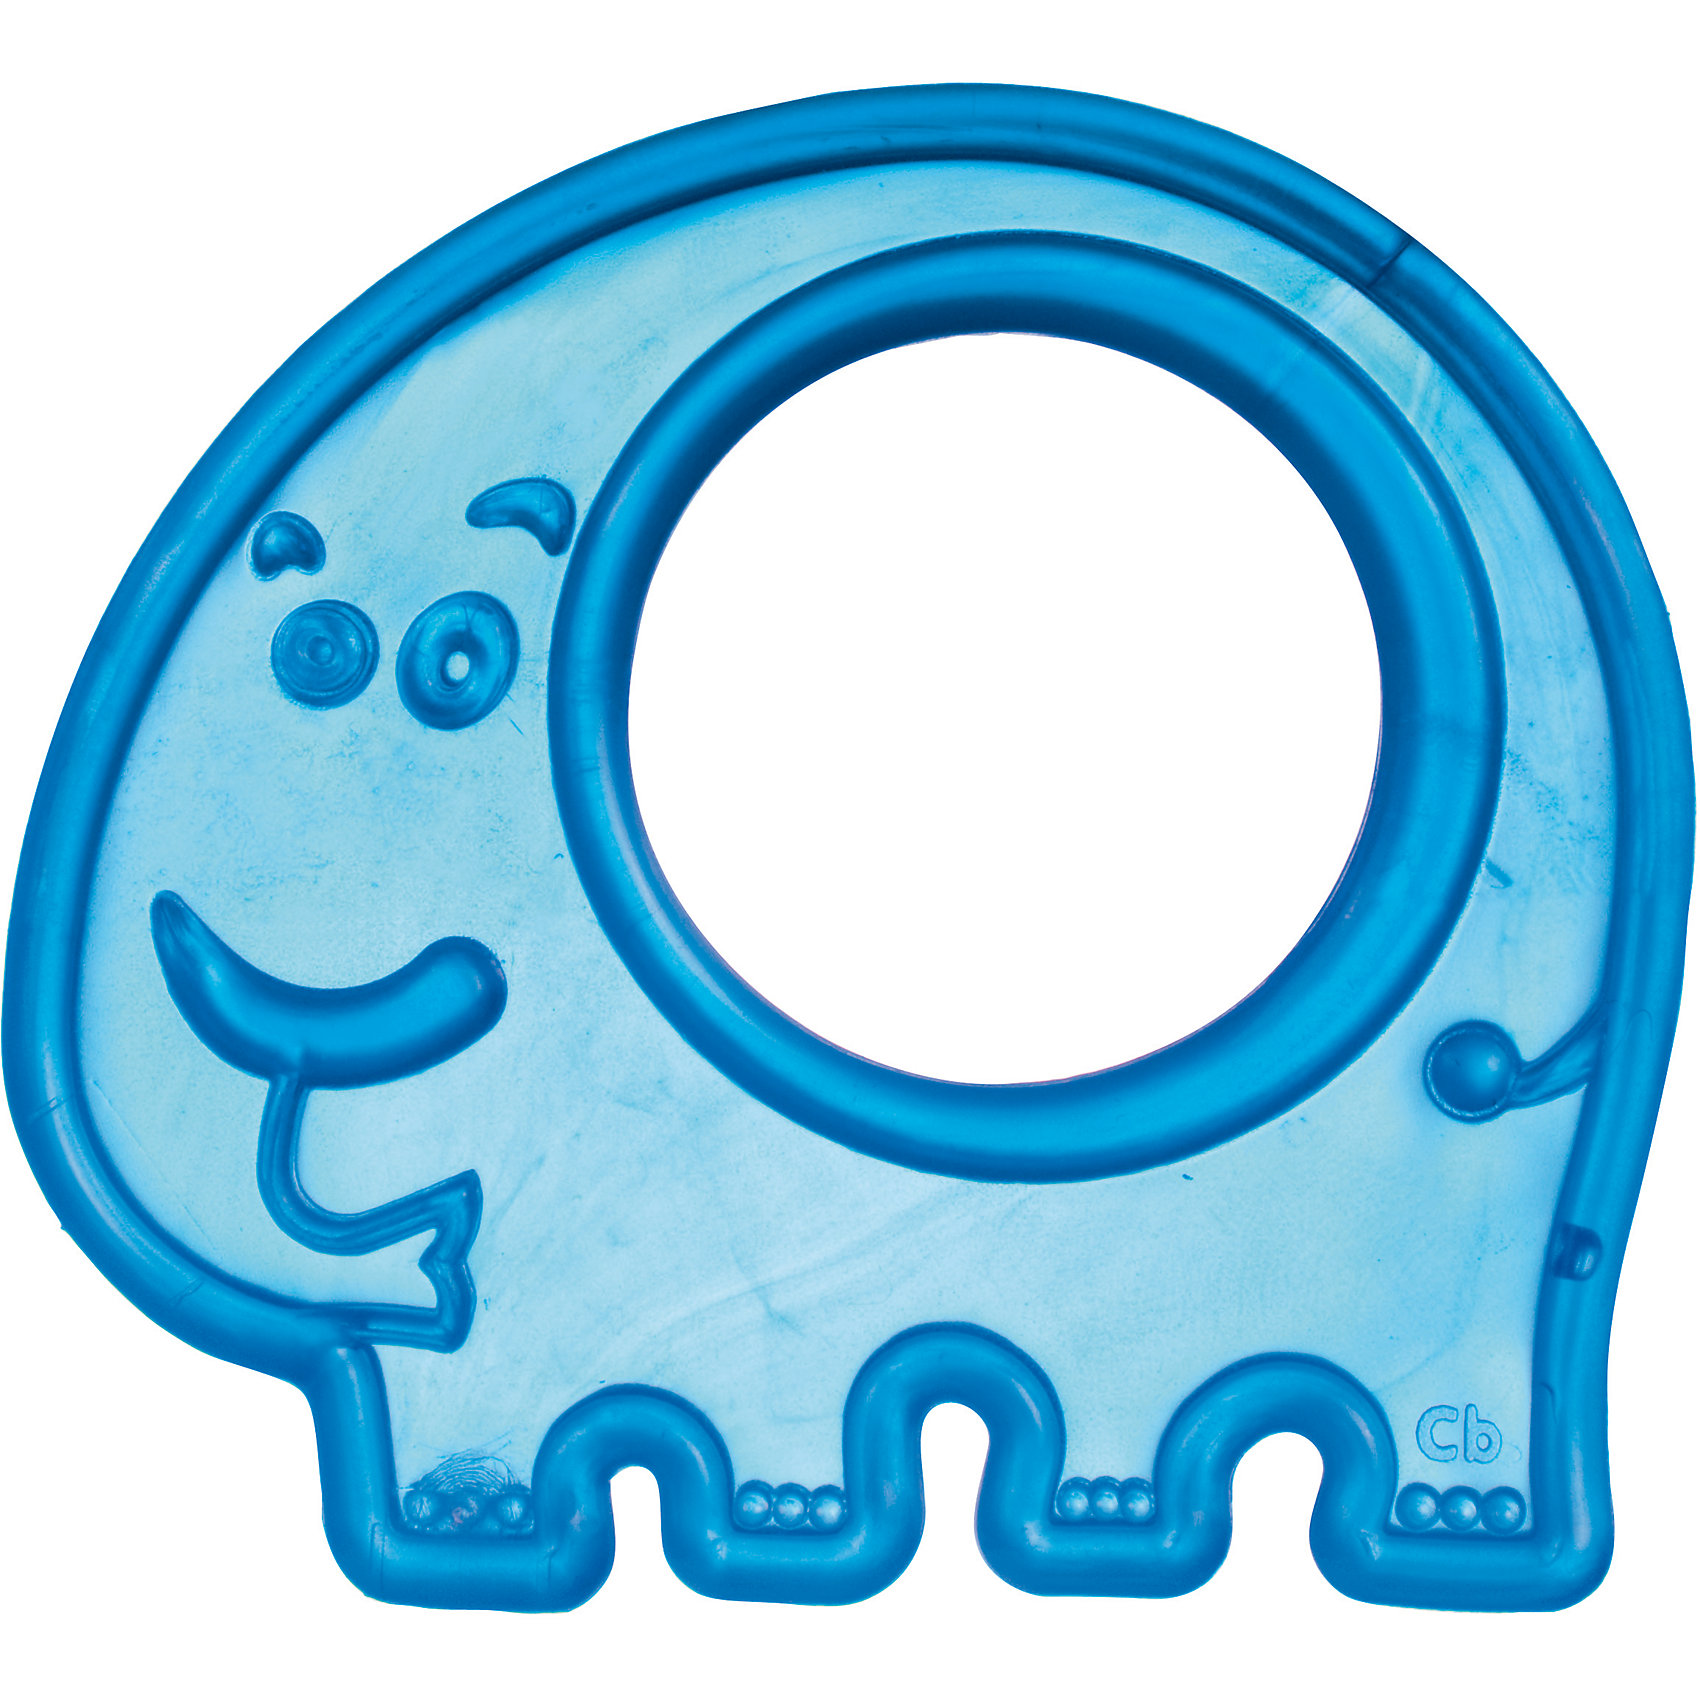 Прорезыватель мягкий Слоник 0+, Canpol Babies, голубойПрорезыватели<br>Прорезыватель мягкий Слоник 0+, Canpol Babies (Канпол Беби),<br> голубой.<br><br>Характеристики:<br>• облегчает боль и снимает зуд<br>• изготовлен из безопасных материалов<br>• наполнен дистиллированной водой<br>• материал: нетоксичный пластик, вода<br>• размер упаковки: 18,5х11,5х1 см<br>• цвет: голубой<br><br>Прорезыватель Слоник изготовлен из мягкого пластика в виде забавного слоненка. Удобная круглая ручка позволит ребенку держать игрушку самостоятельно. Внутри находится дистиллированная вода, с помощью которой вы сможете охладить прорезыватель, положив его в холодильник. Прохладная игрушка снимет зуд и сведет к минимуму неприятные ощущения в деснах при прорезывании зубов. Яркий прорезыватель непременно понравится вашему карапузу!<br><br>Прорезыватель мягкий Слоник 0+, Canpol Babies (Канпол Беби),<br> голубой можно купить в нашем интернет-магазине.<br><br>Ширина мм: 95<br>Глубина мм: 10<br>Высота мм: 155<br>Вес г: 120<br>Возраст от месяцев: 0<br>Возраст до месяцев: 12<br>Пол: Мужской<br>Возраст: Детский<br>SKU: 5156712